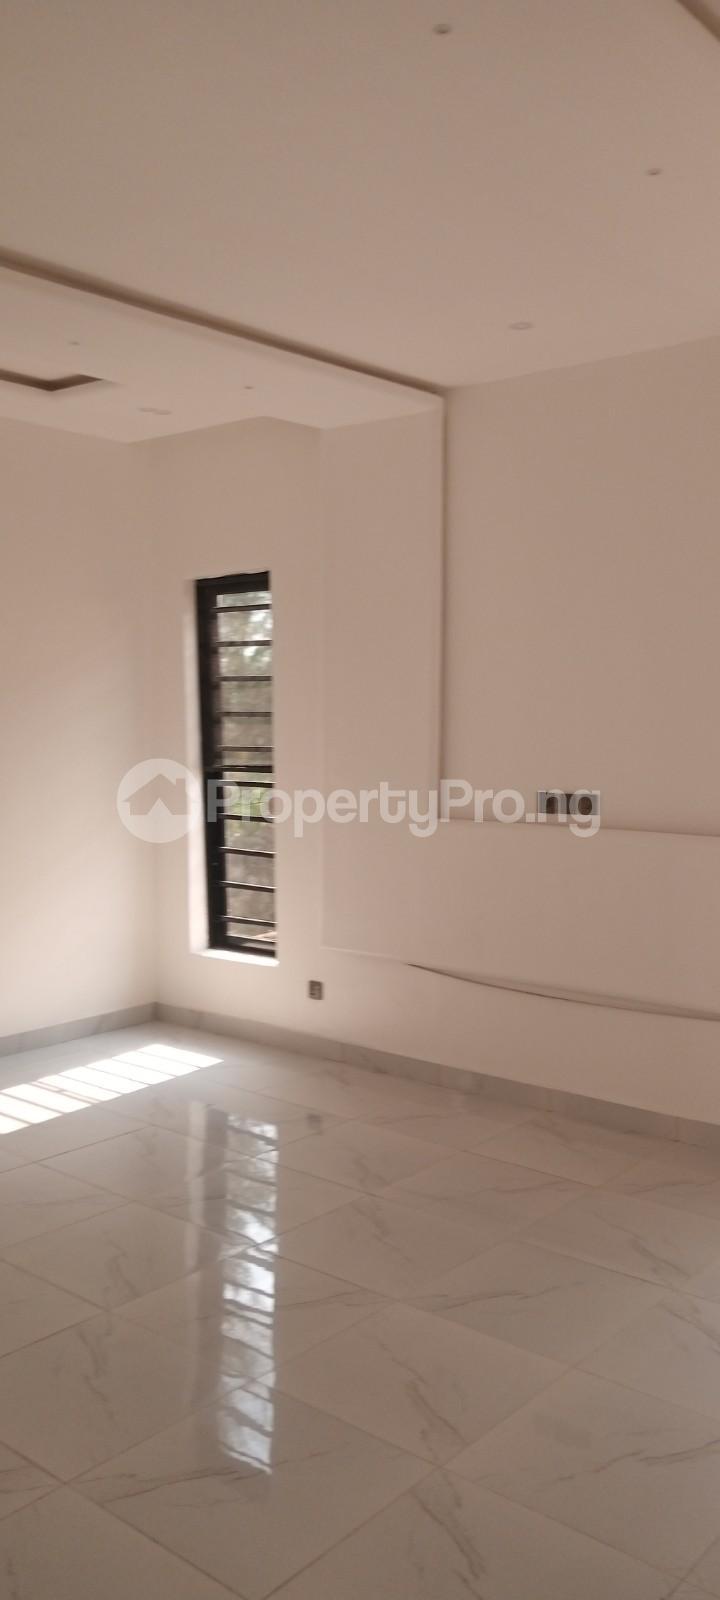 5 bedroom Detached Duplex for sale Megamound Estate, Lekki County Homes, Ikota Lekki Lagos - 6